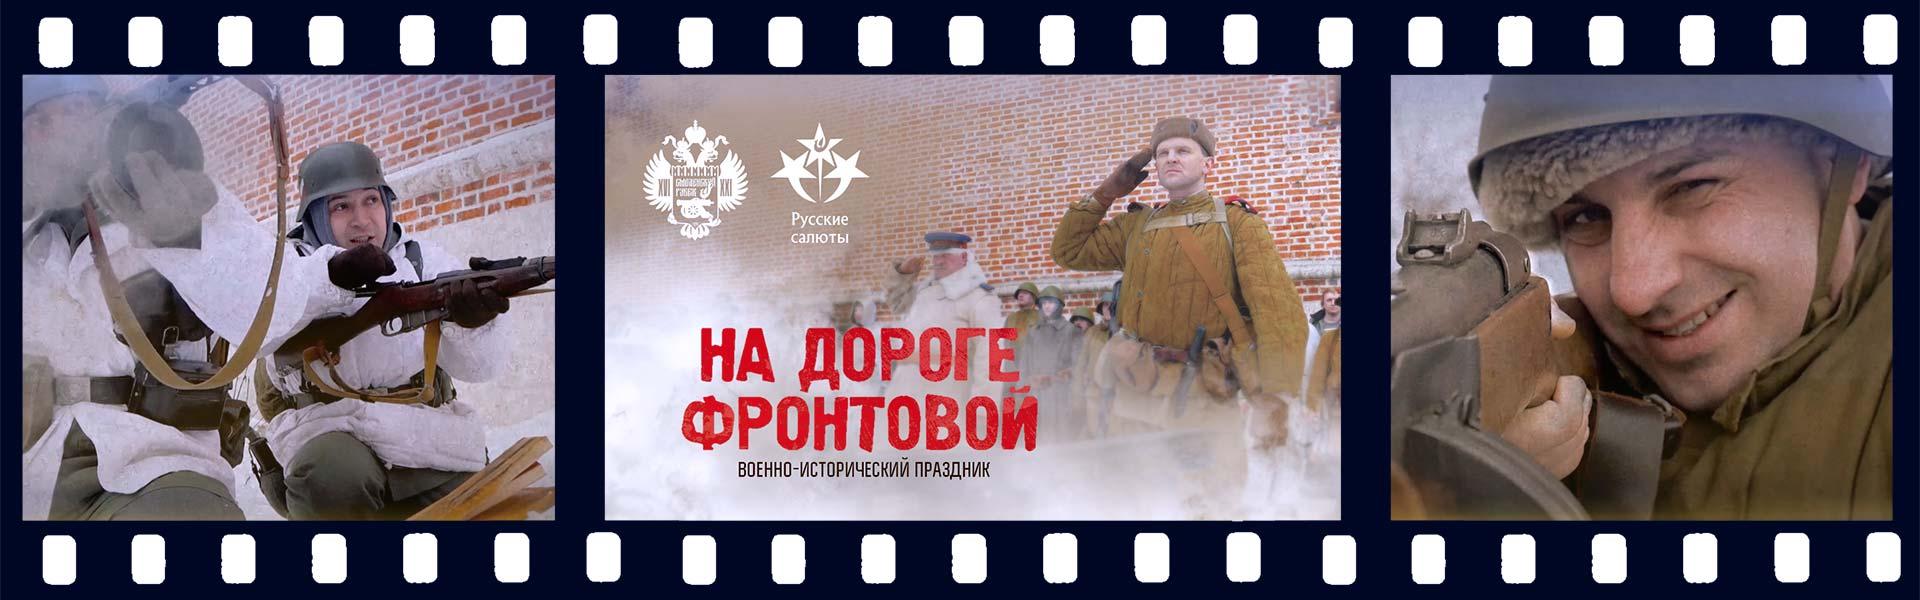 Реконструкция на военно-историческом празднике «На дороге фронтовой» в Смоленске